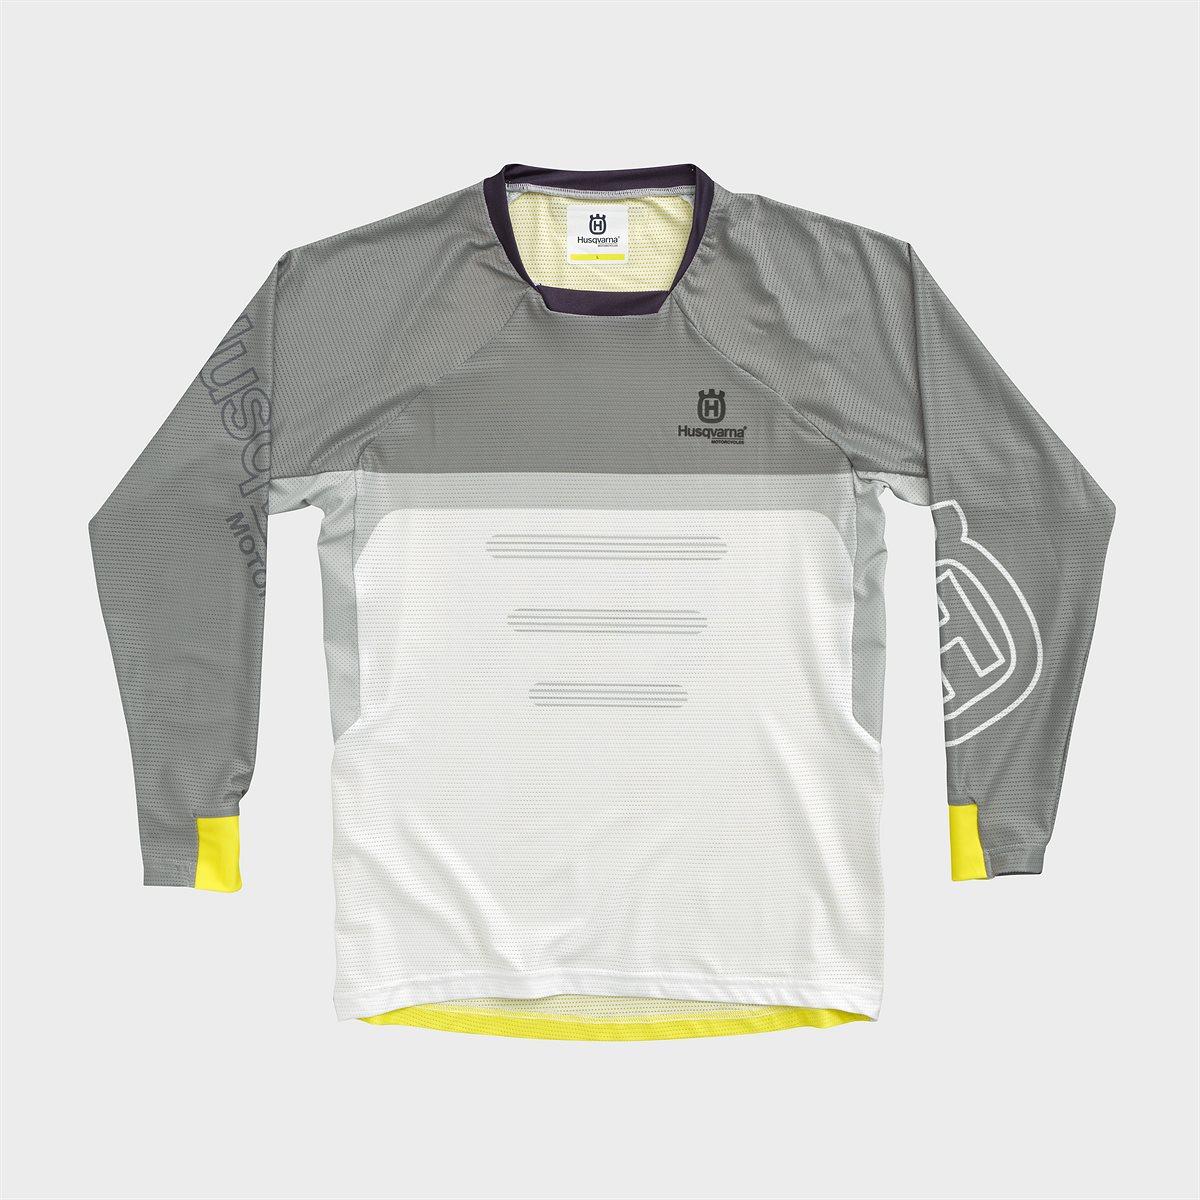 Kids Railed Shirt (2)